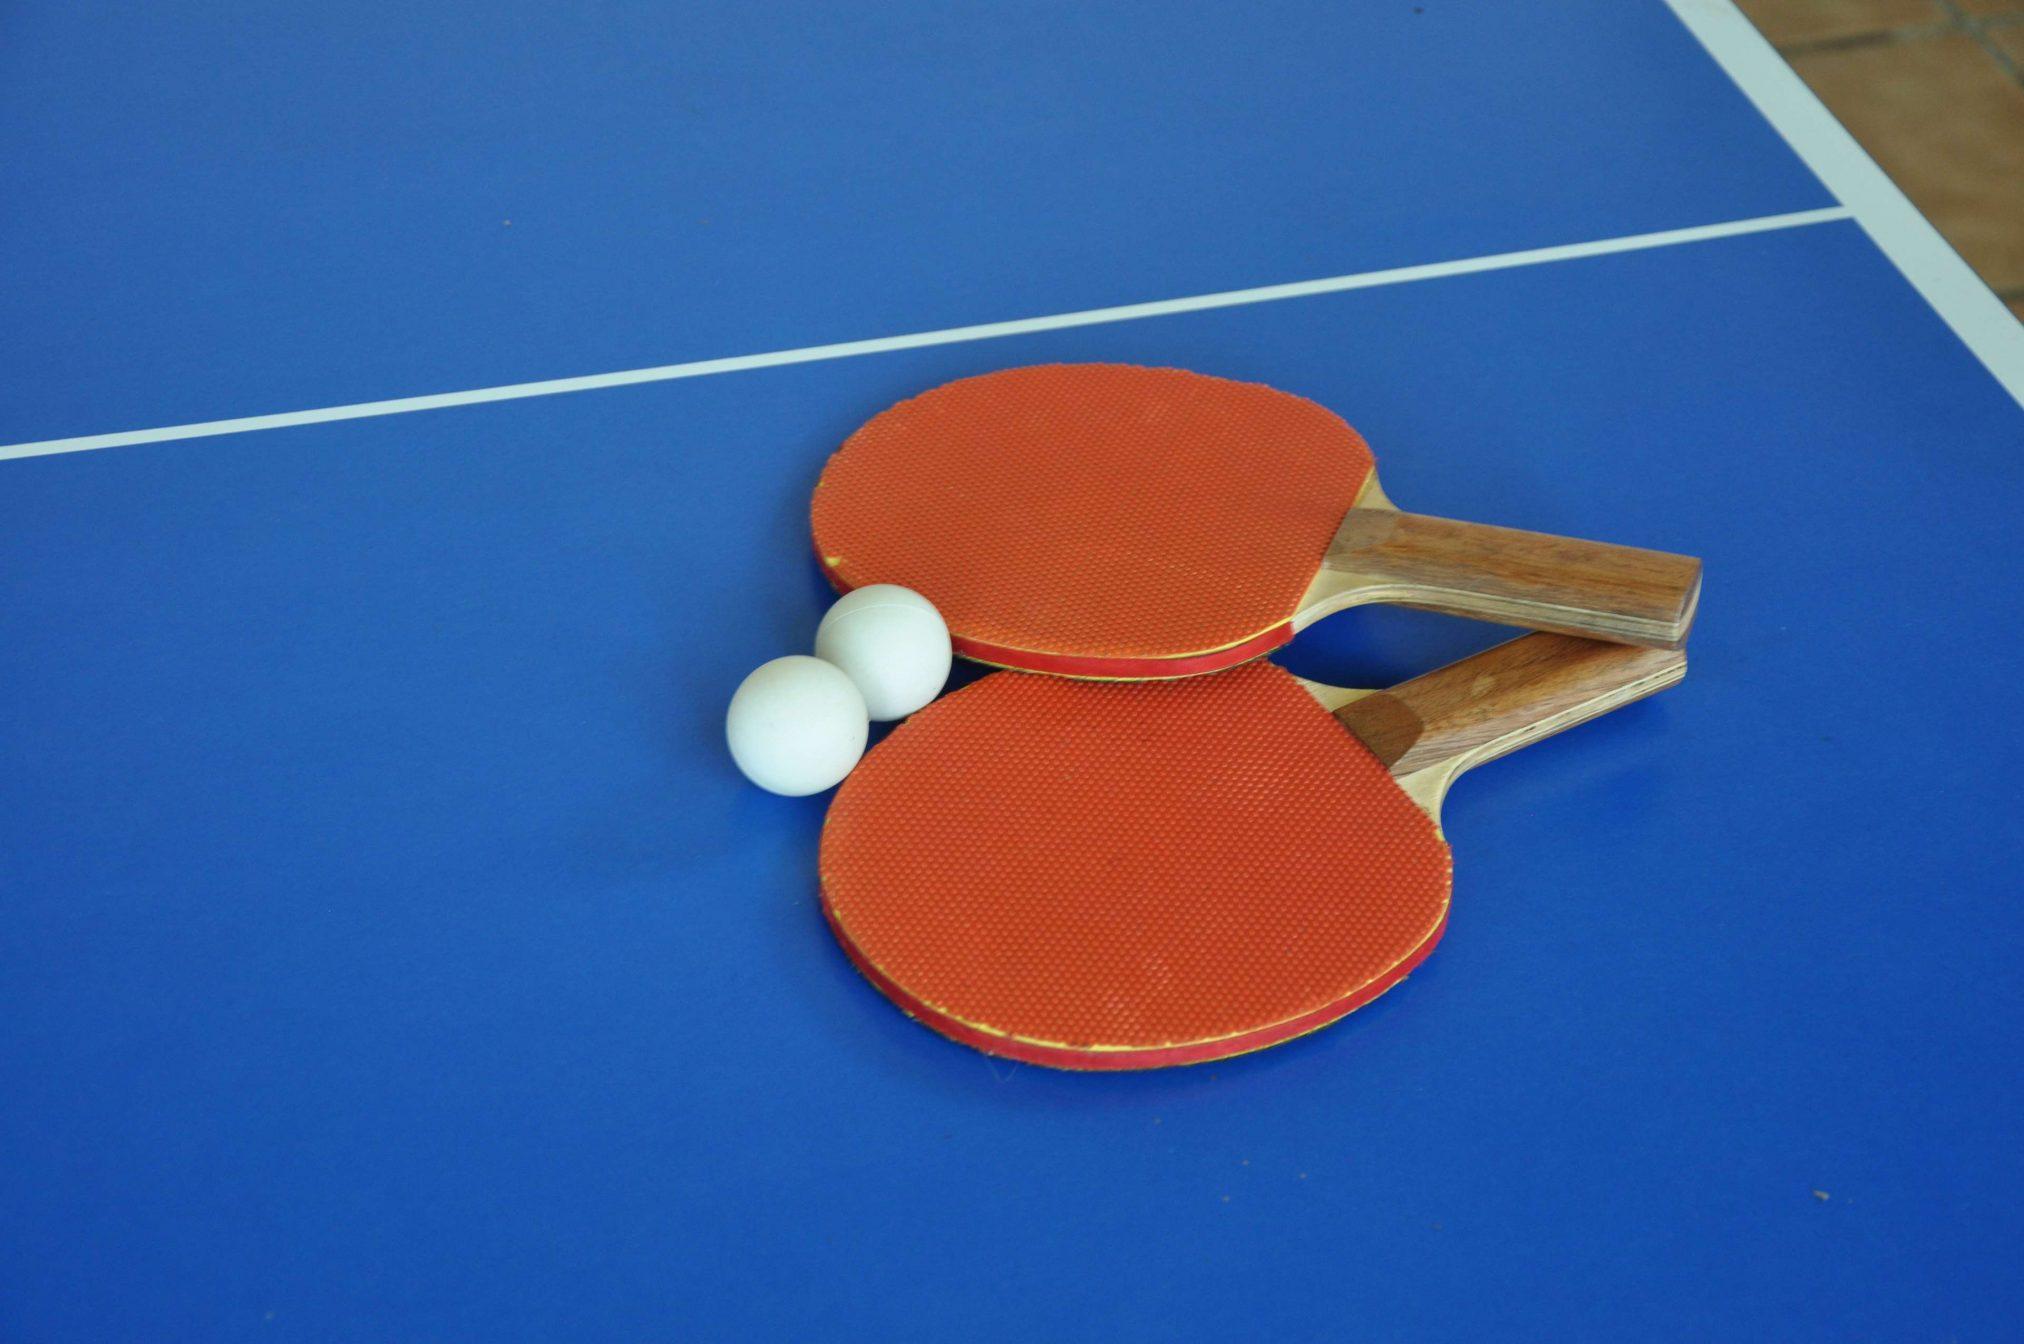 Кто изобрел мяч для настольного тенниса